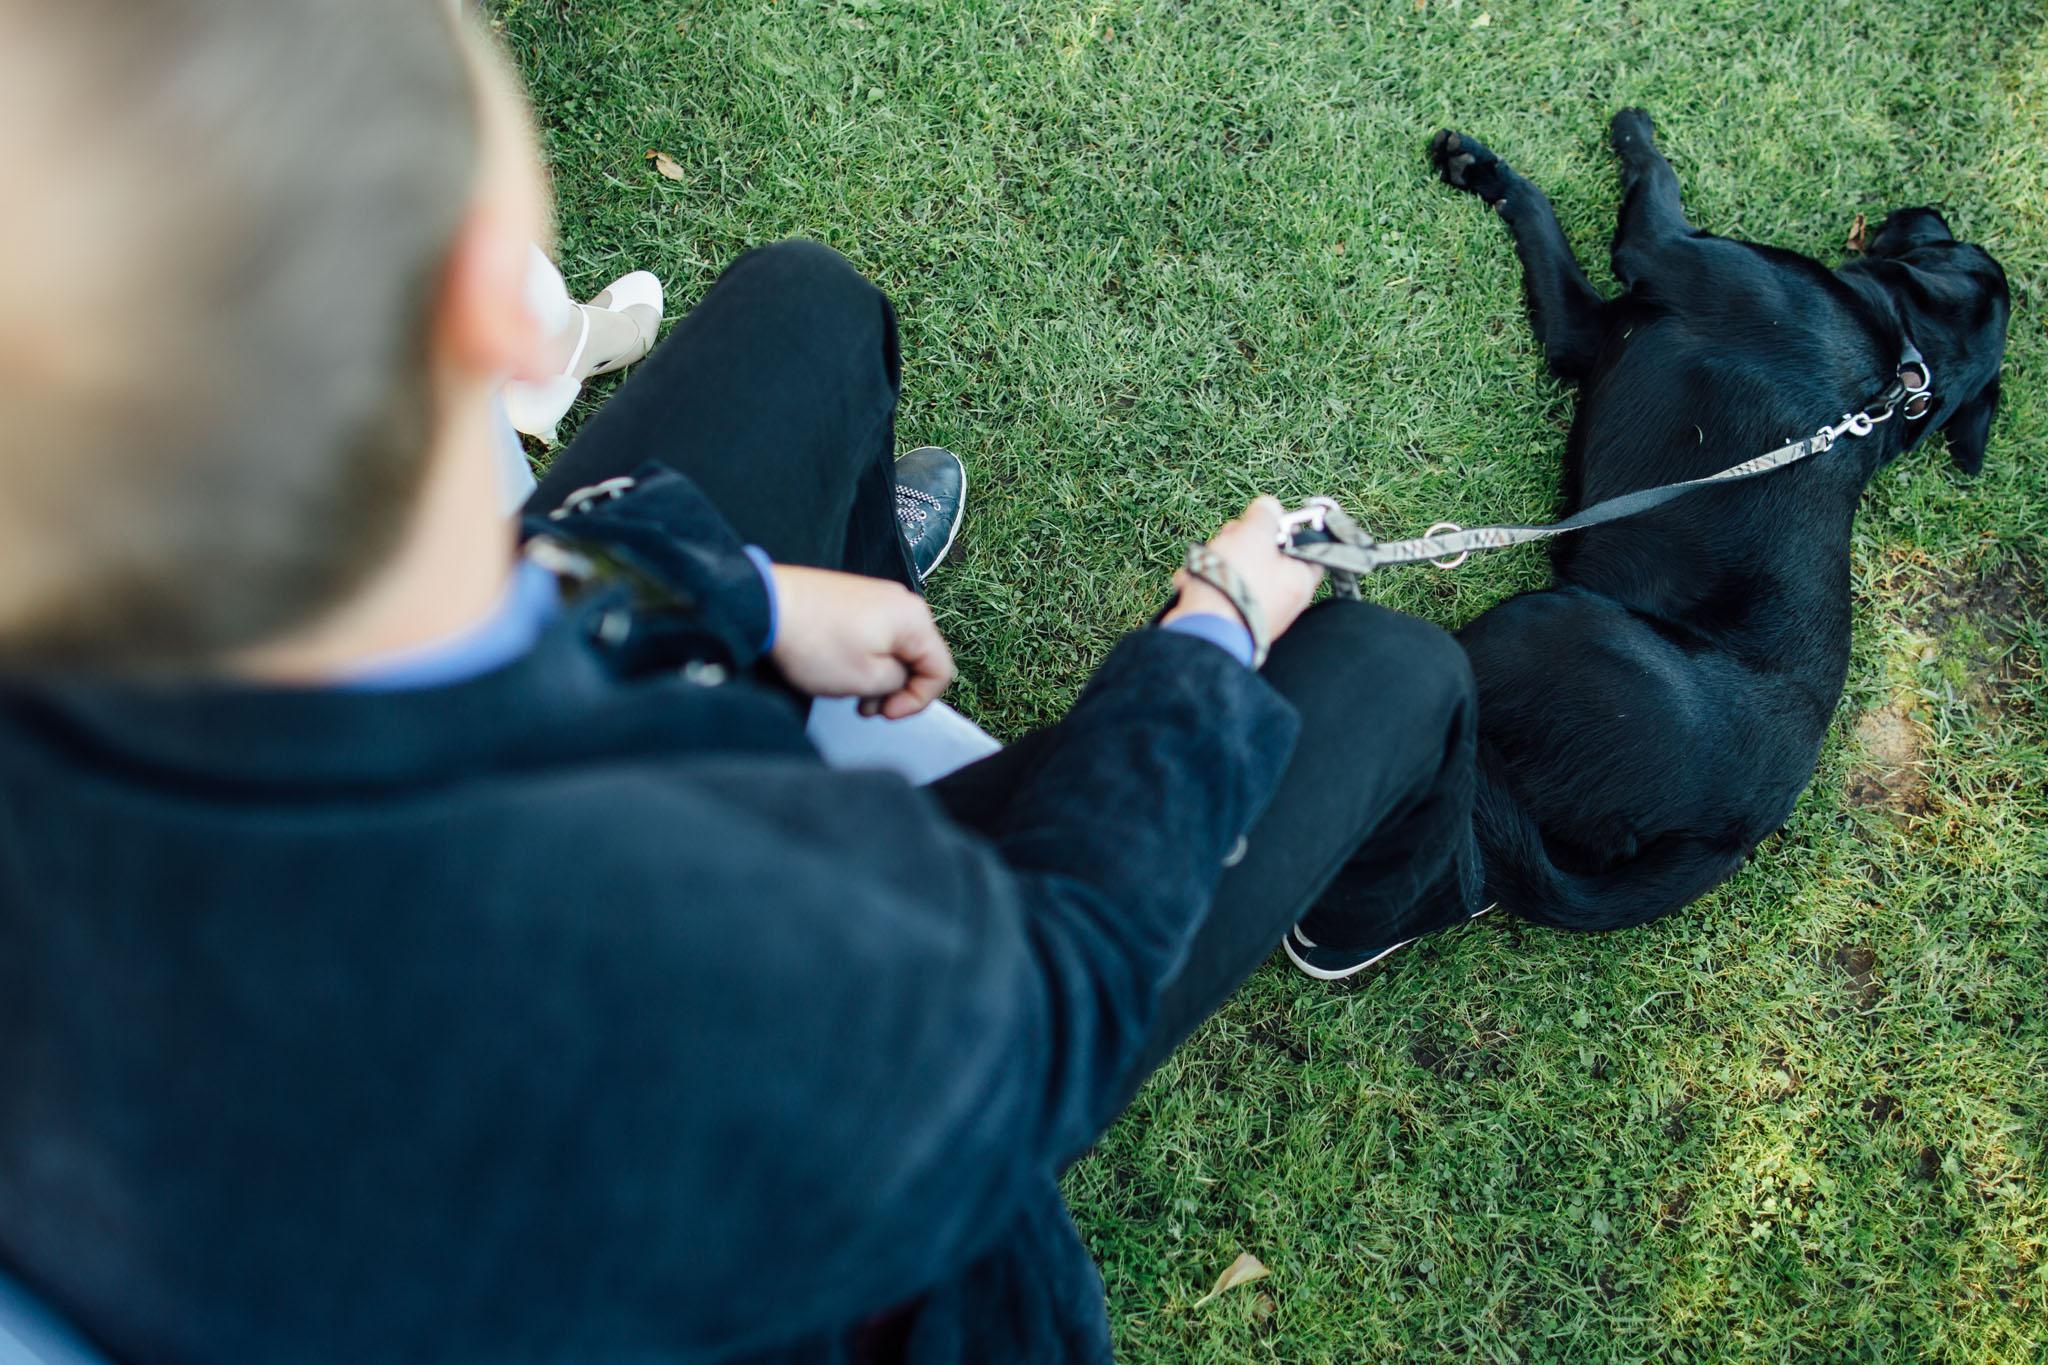 hochzeitsreportage-brandenburg-fotograf-hund